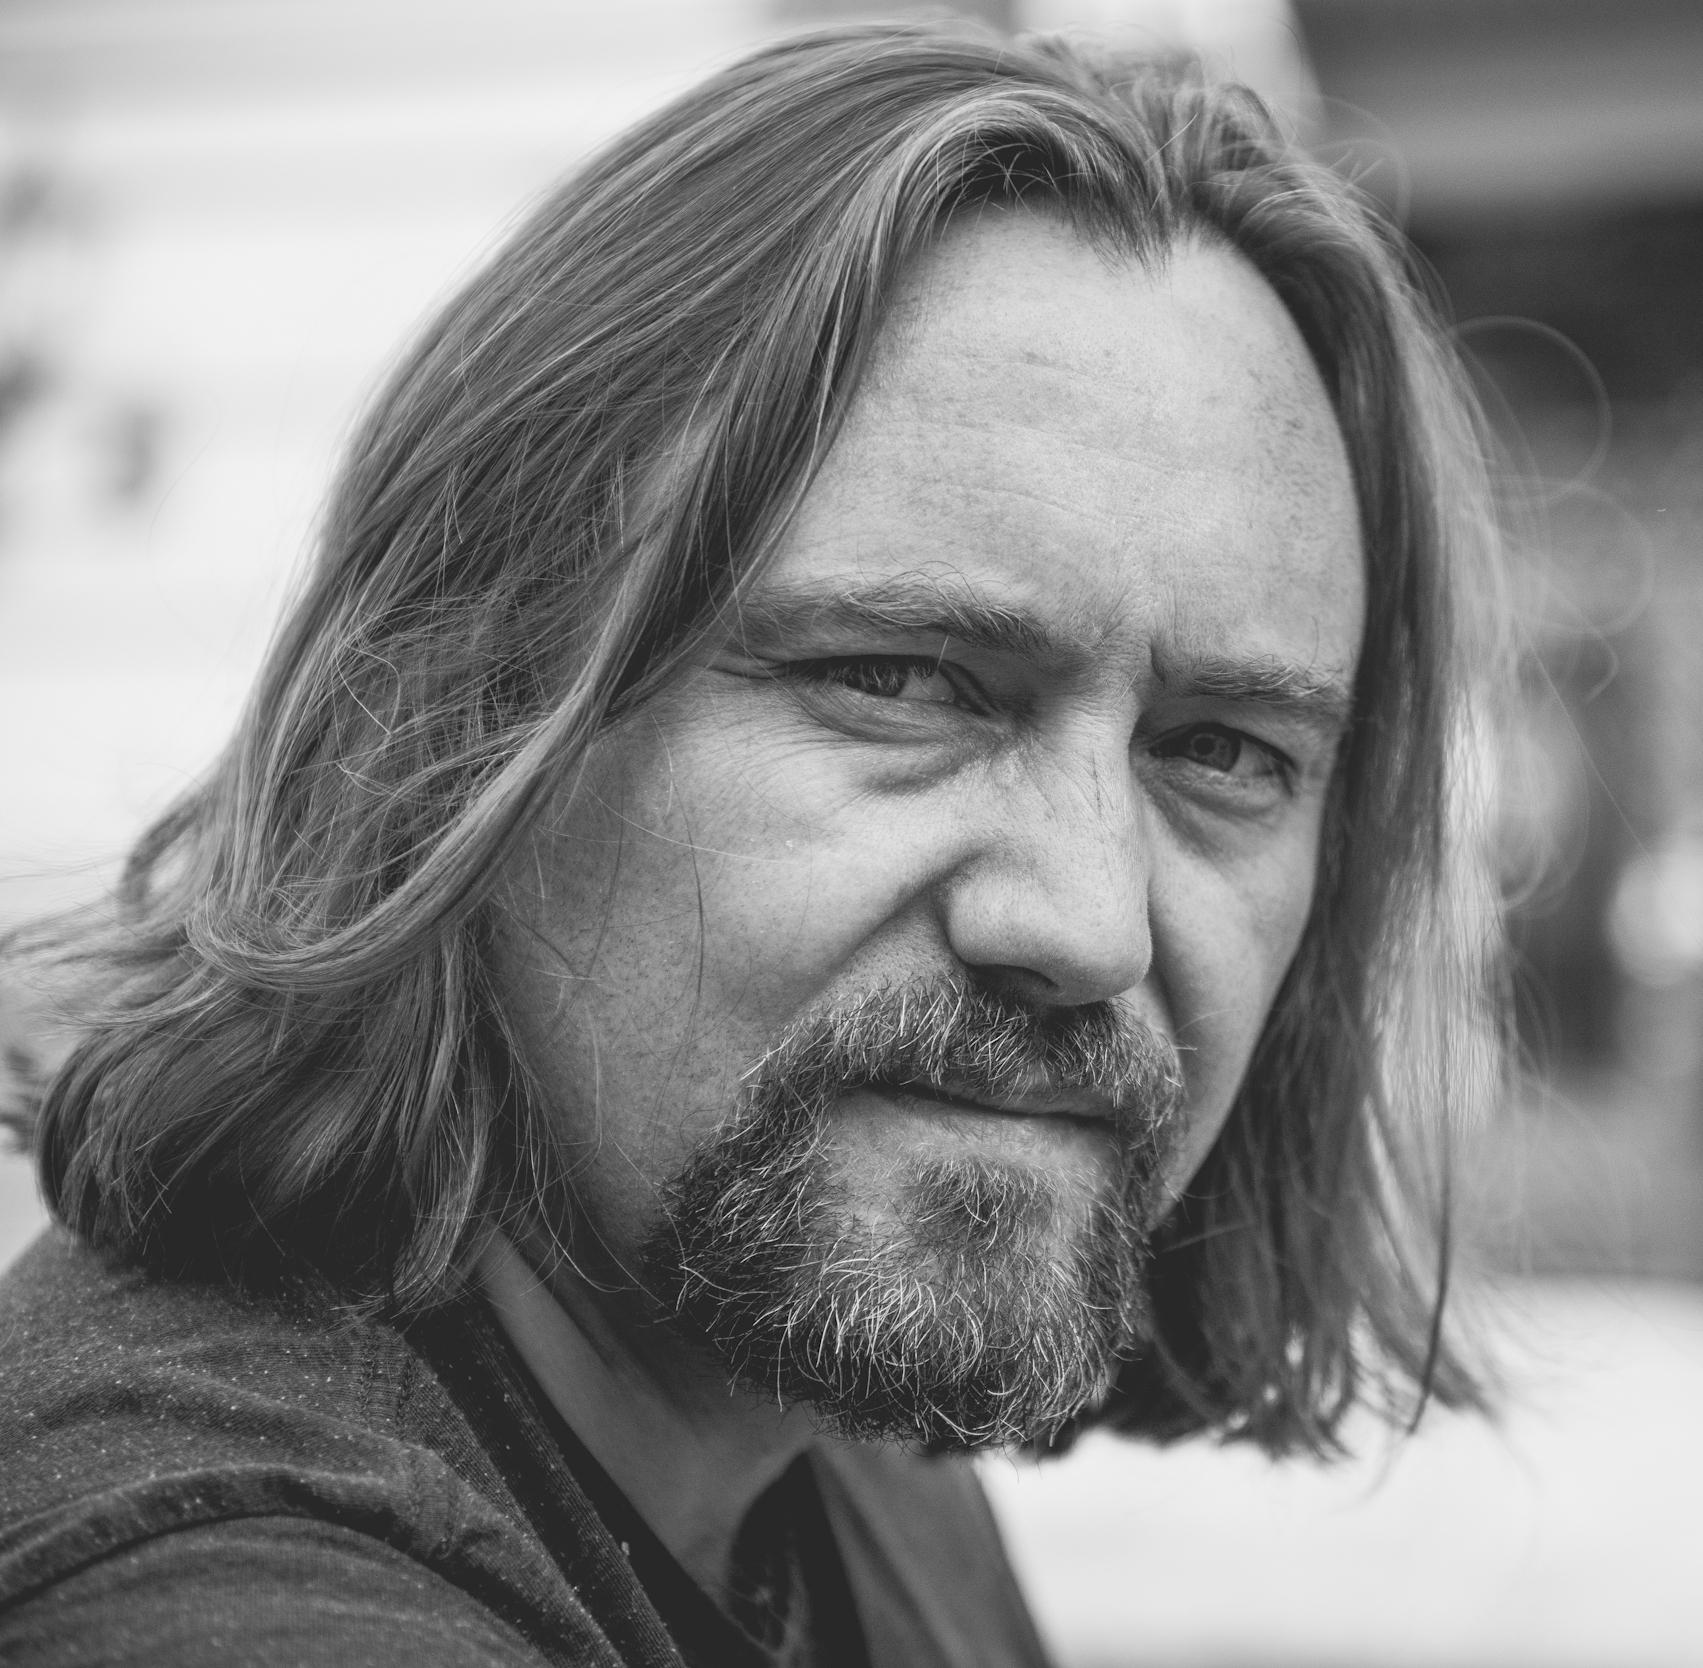 Carl Frode Tiller